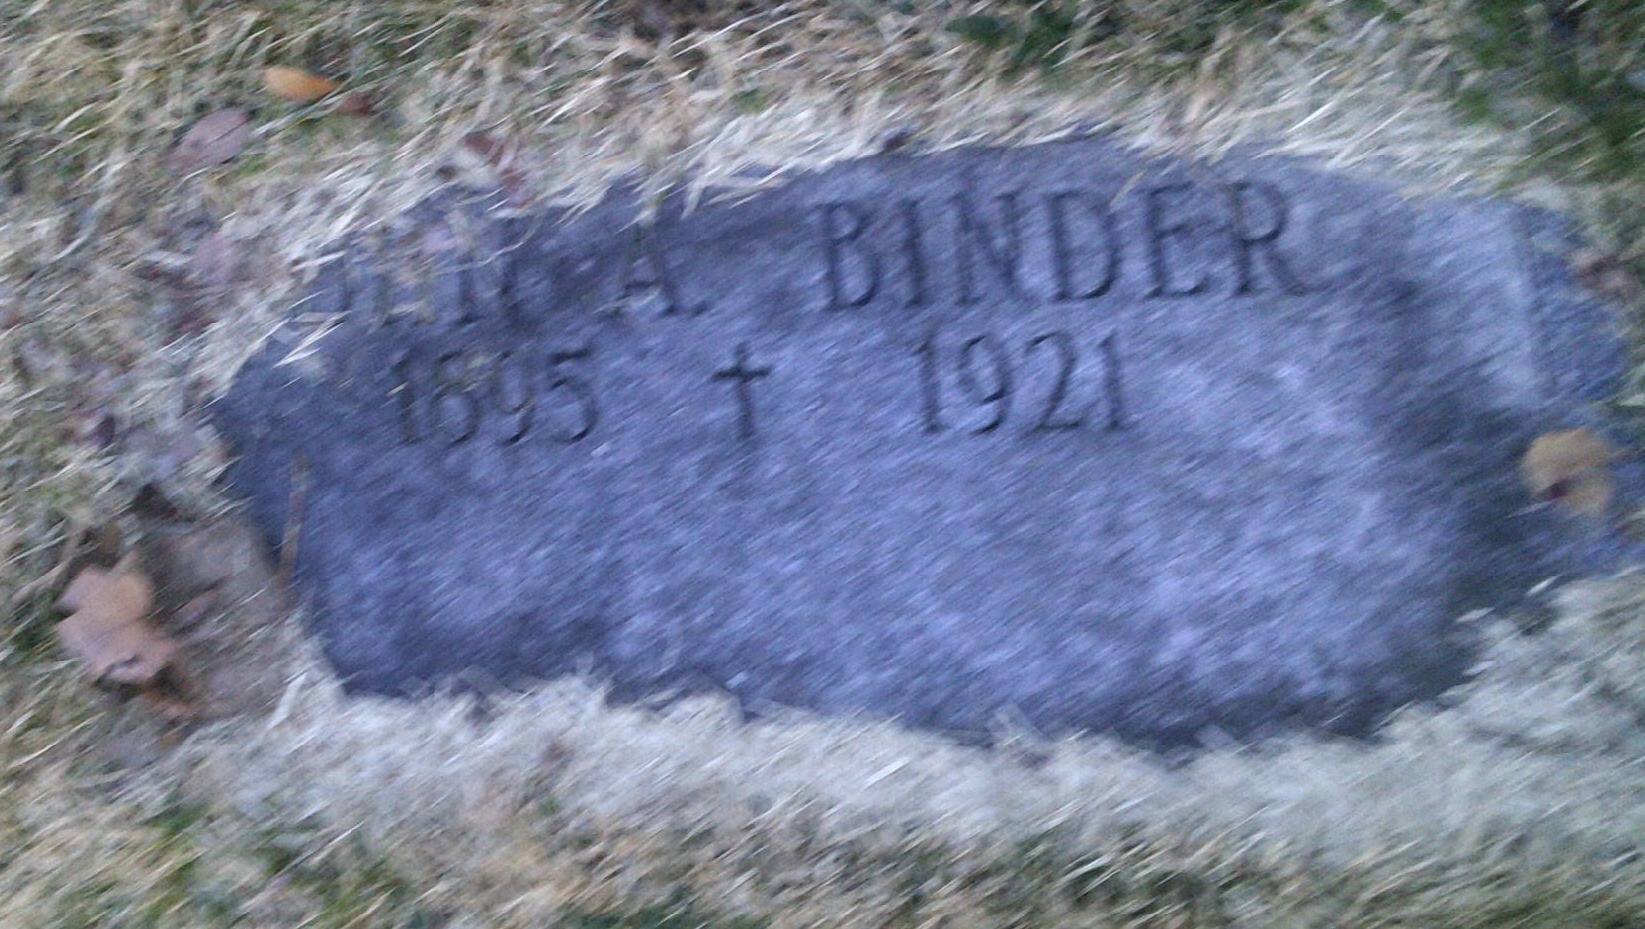 John A. Binder